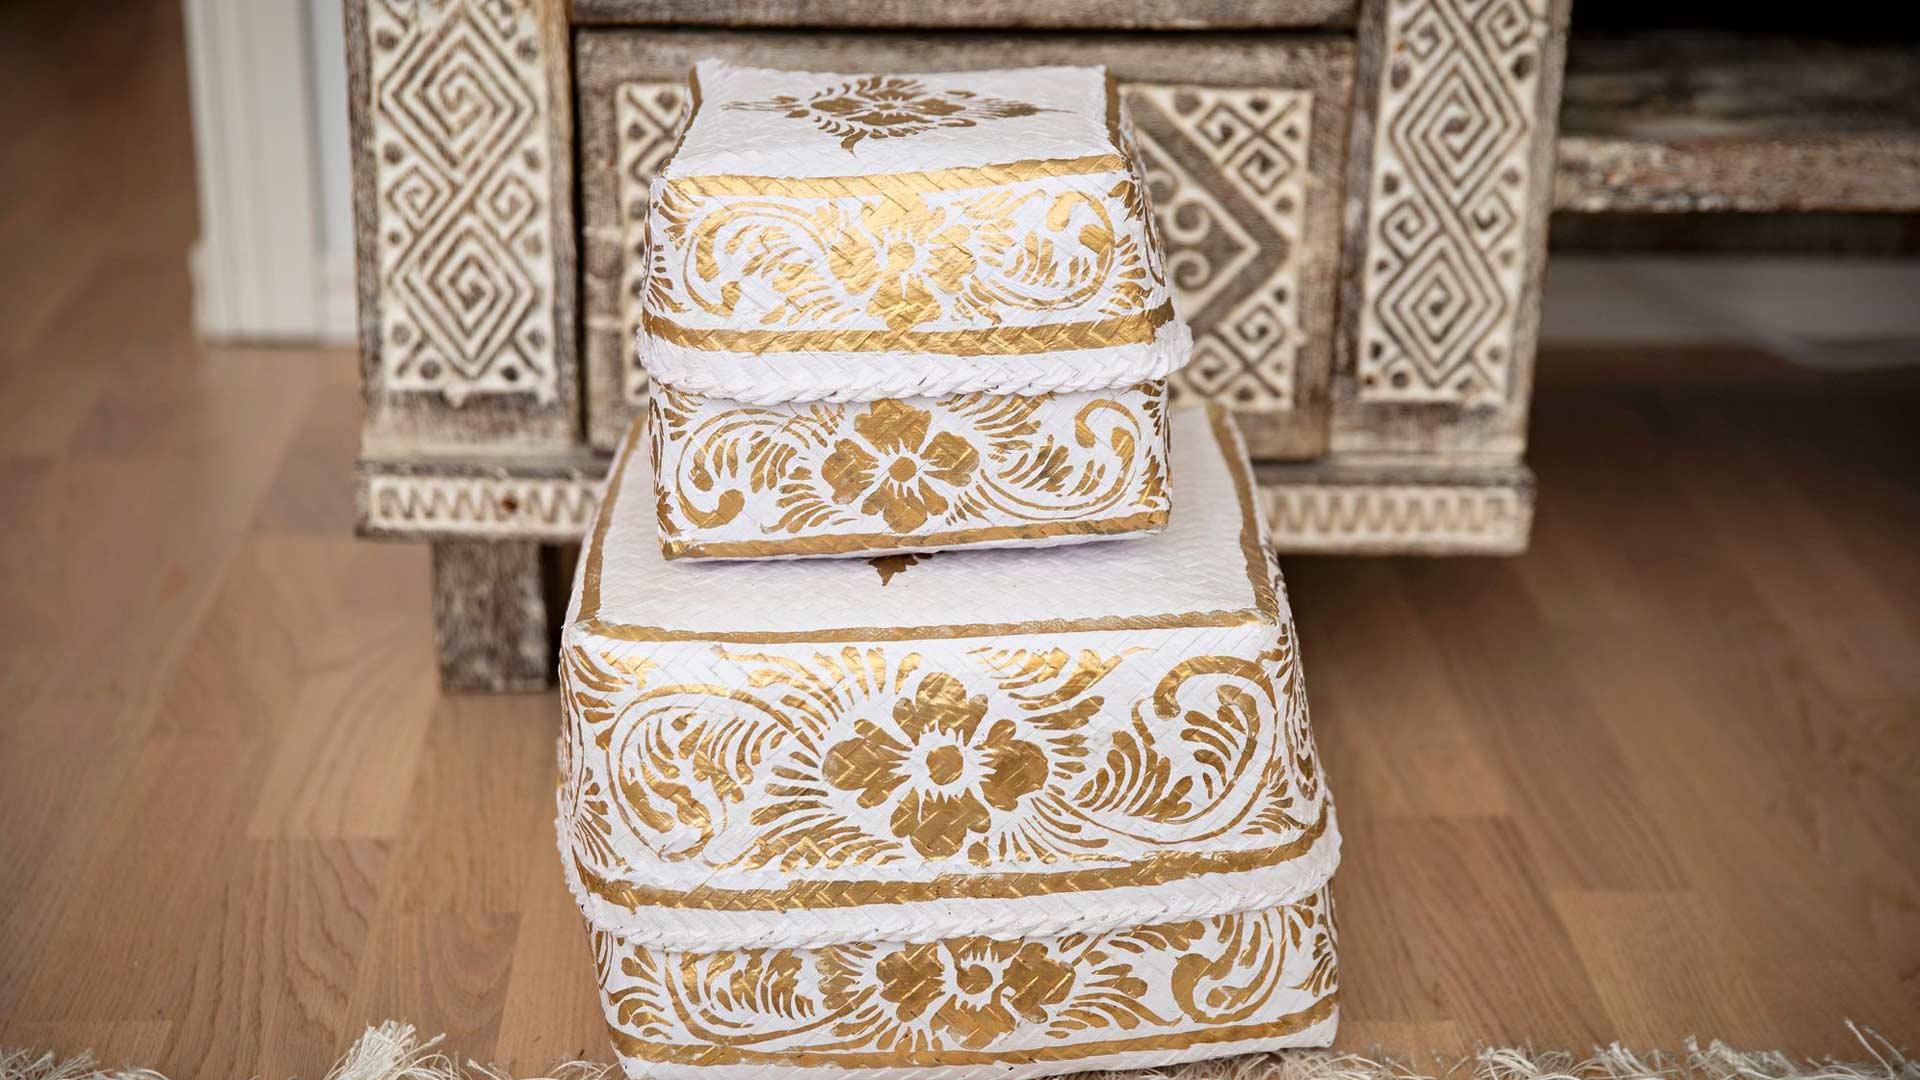 Balilla temppeleiden alttareille tuodaan uhrilahjakortteja sisältäviä koreja. Ne kuuluvat jokapäiväiseen elämään.